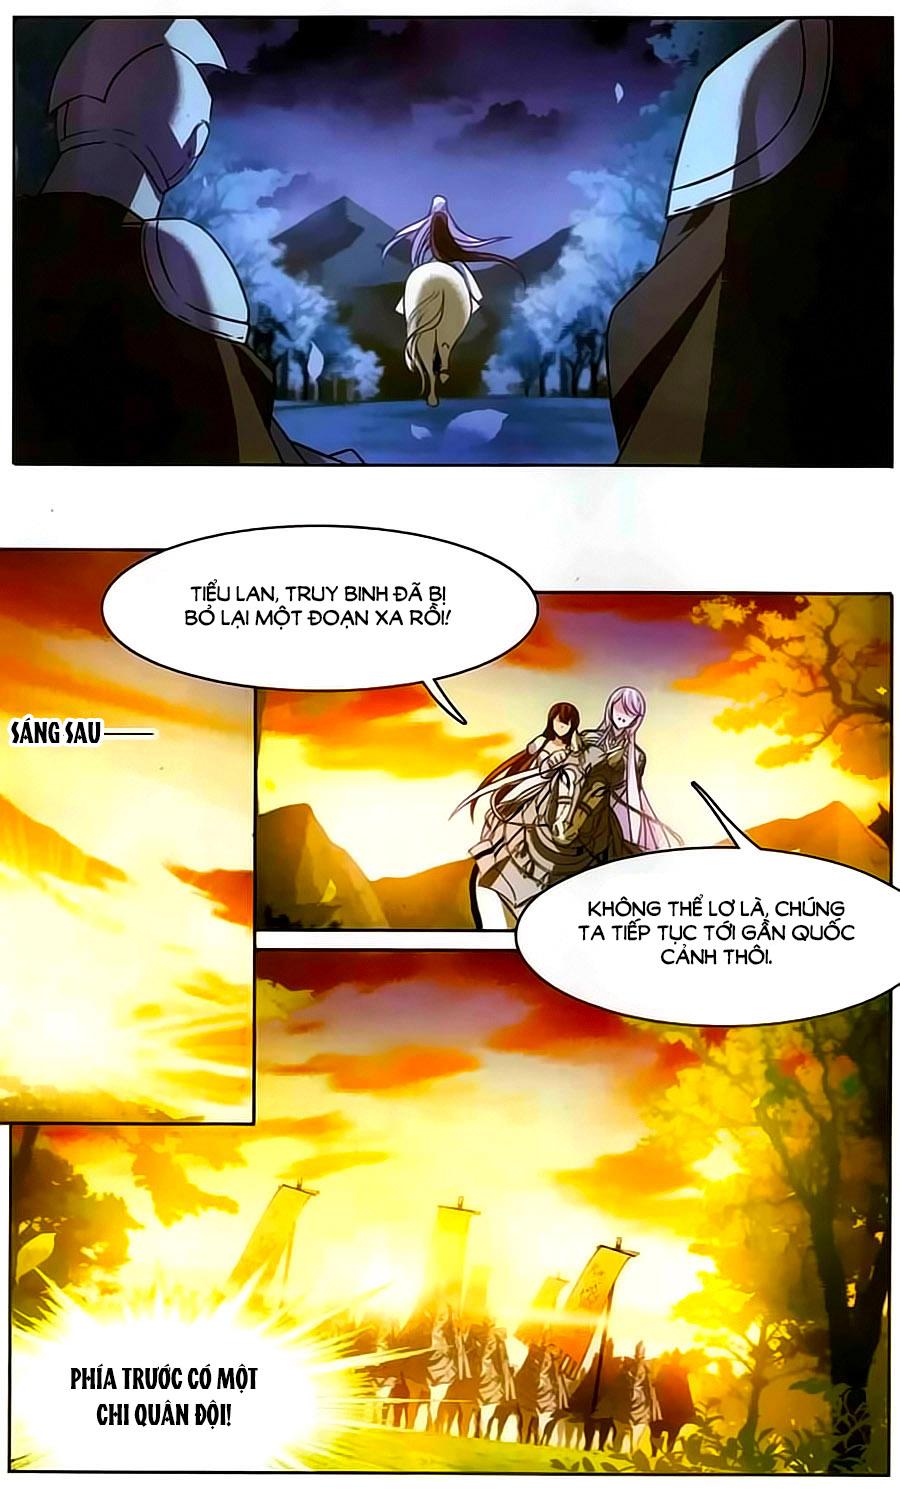 Kỵ Sĩ Hoang Tưởng Dạ chap 161 Trang 25 - Mangak.info